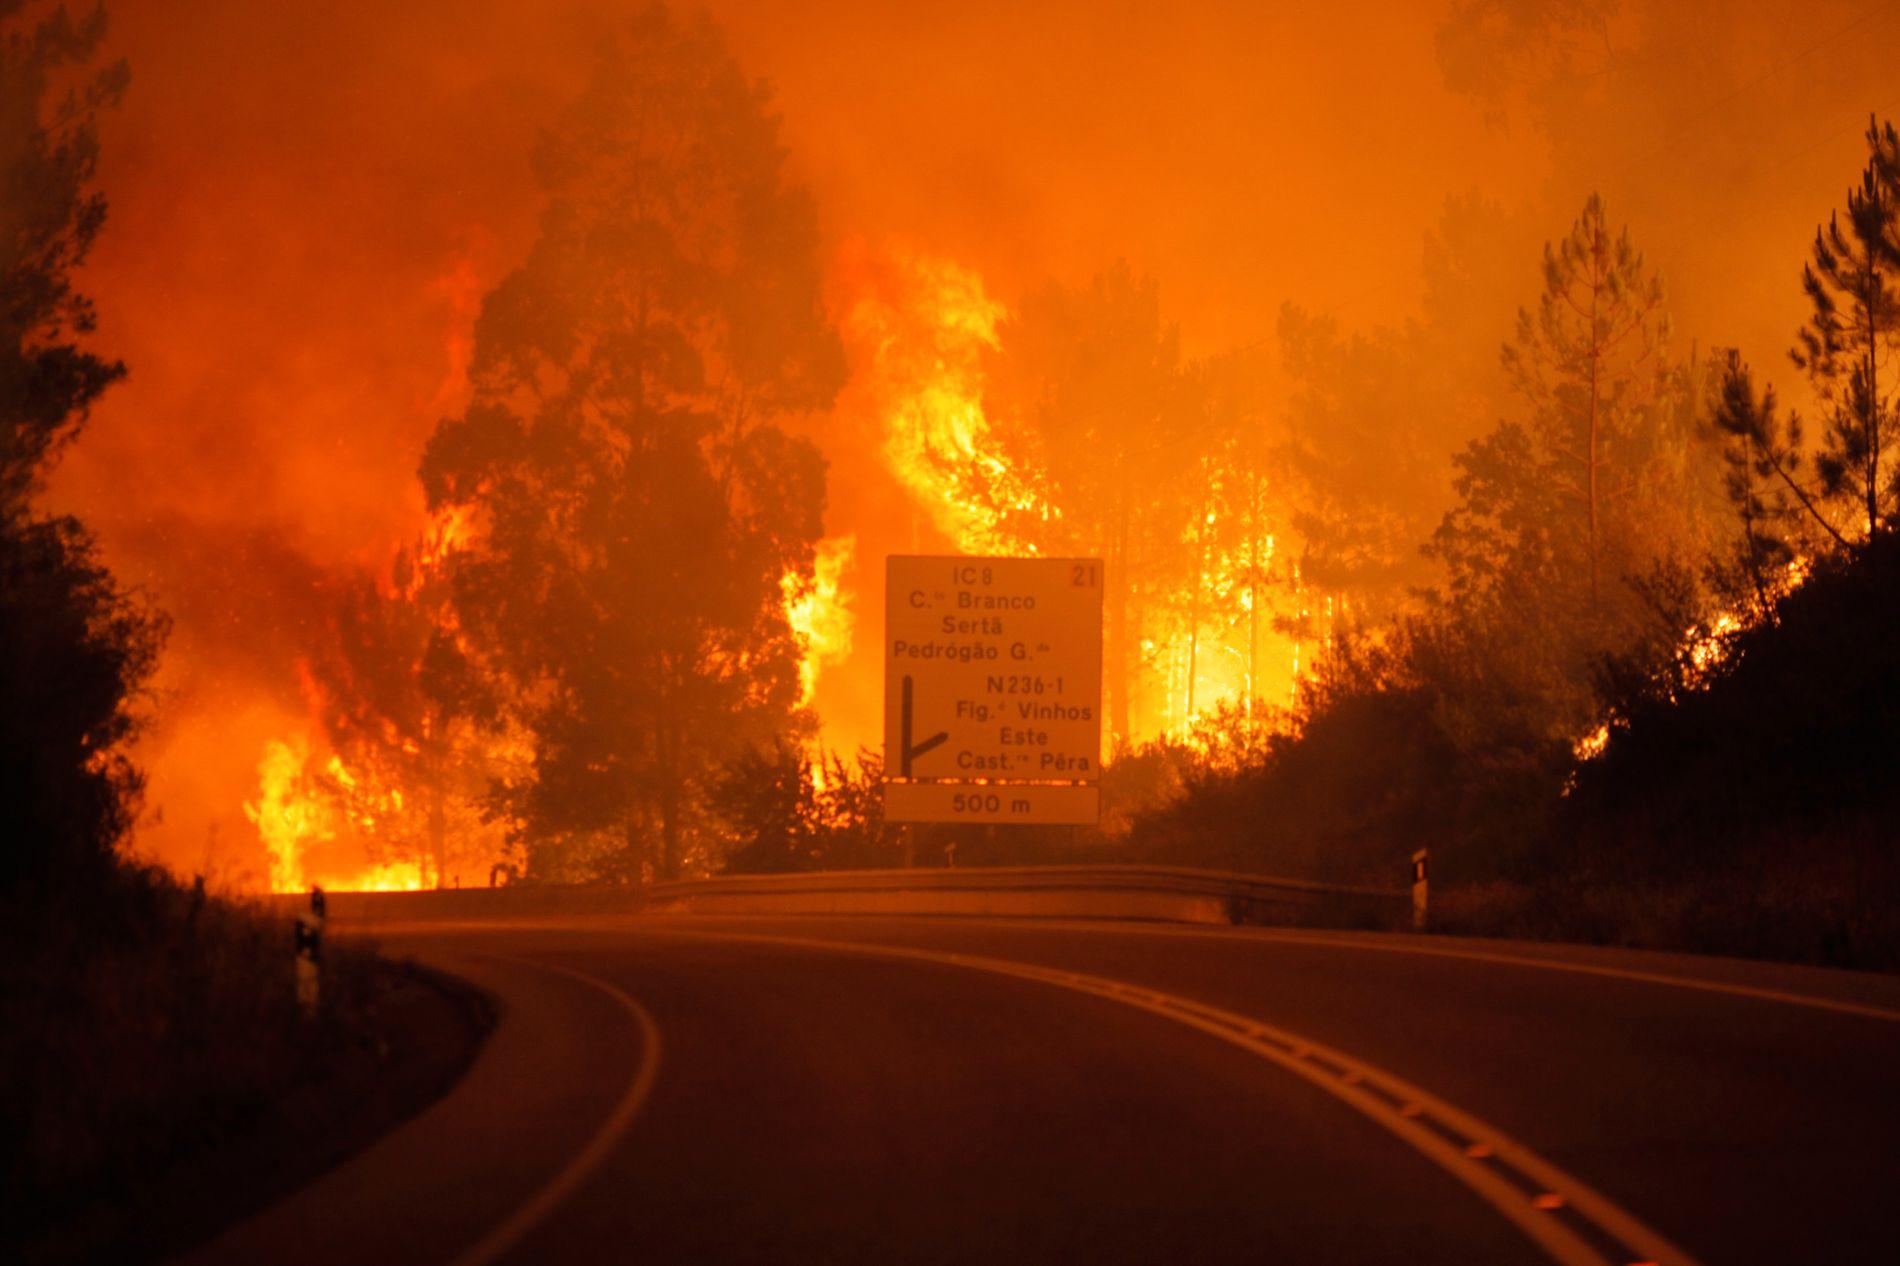 IKKE KONTROLL: Brannmannskaper jobber natt til søndag på spreng for å få kontroll på brannen som raser i Pedrogao Grande.